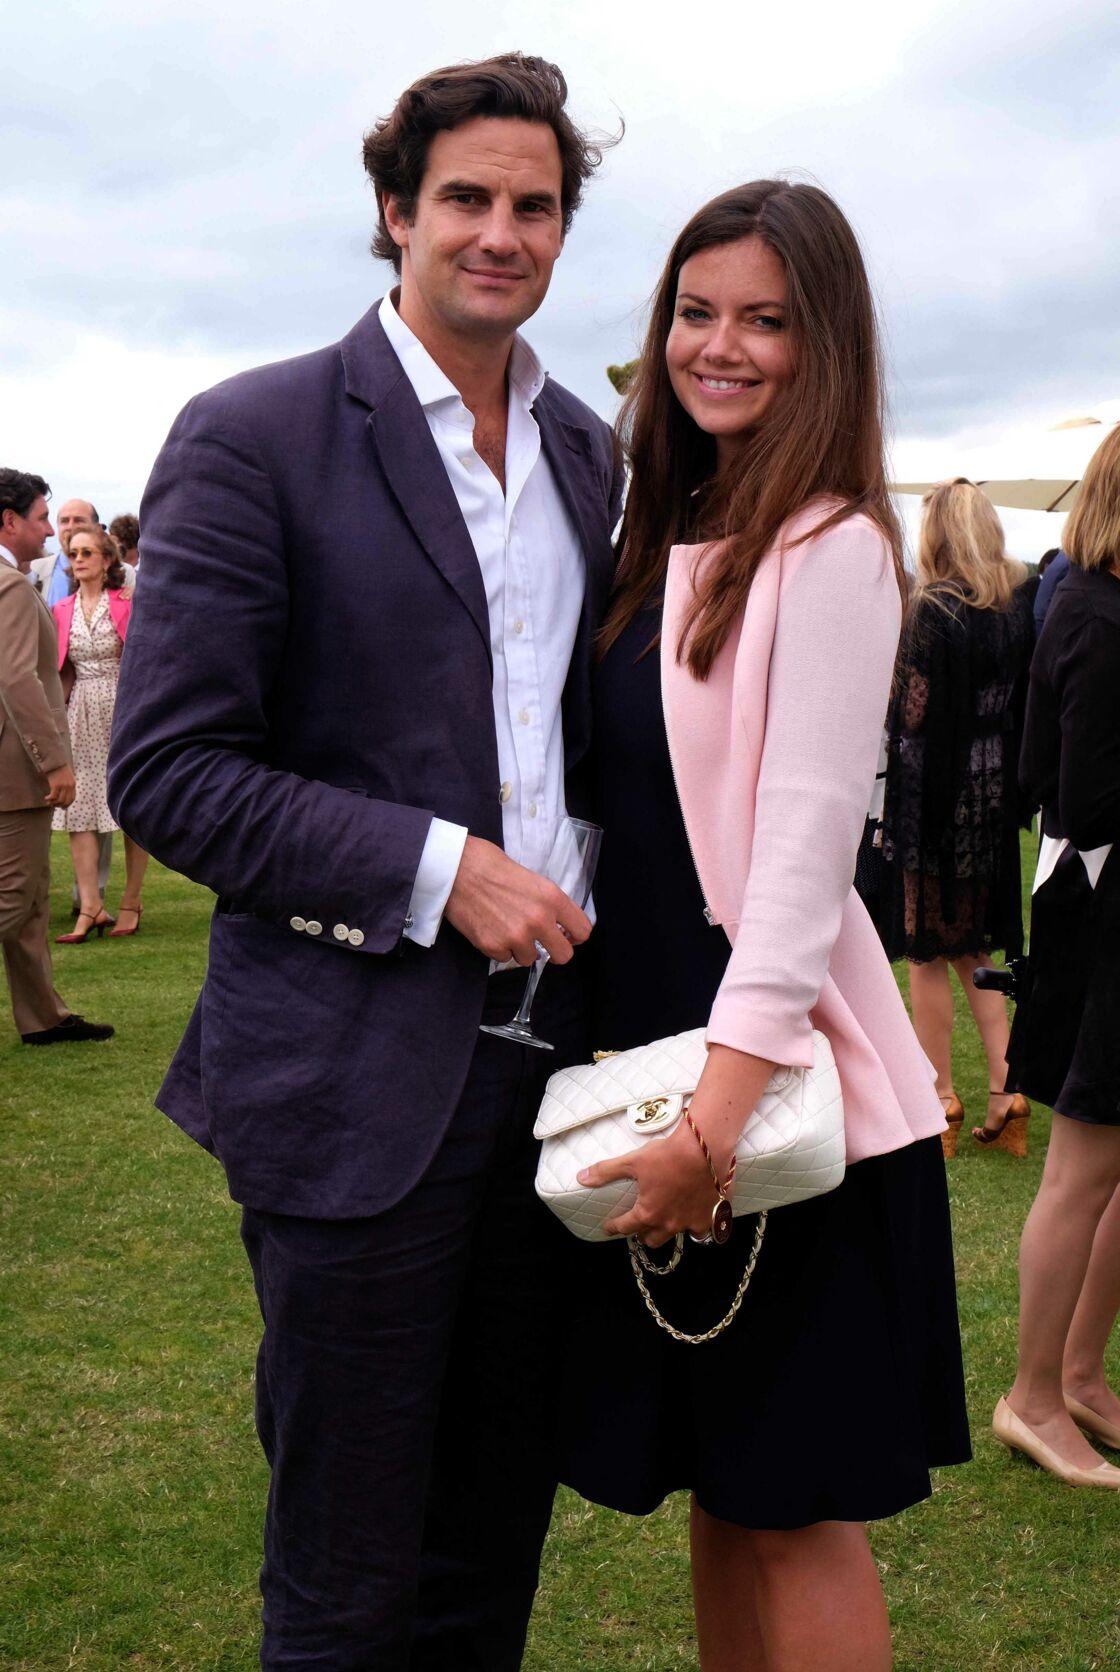 Natasha Rufus Isaacs et Rupert Finch, qui n'est autre que l'ex de Kate Middleton, sont des amis intimes des Cambridge